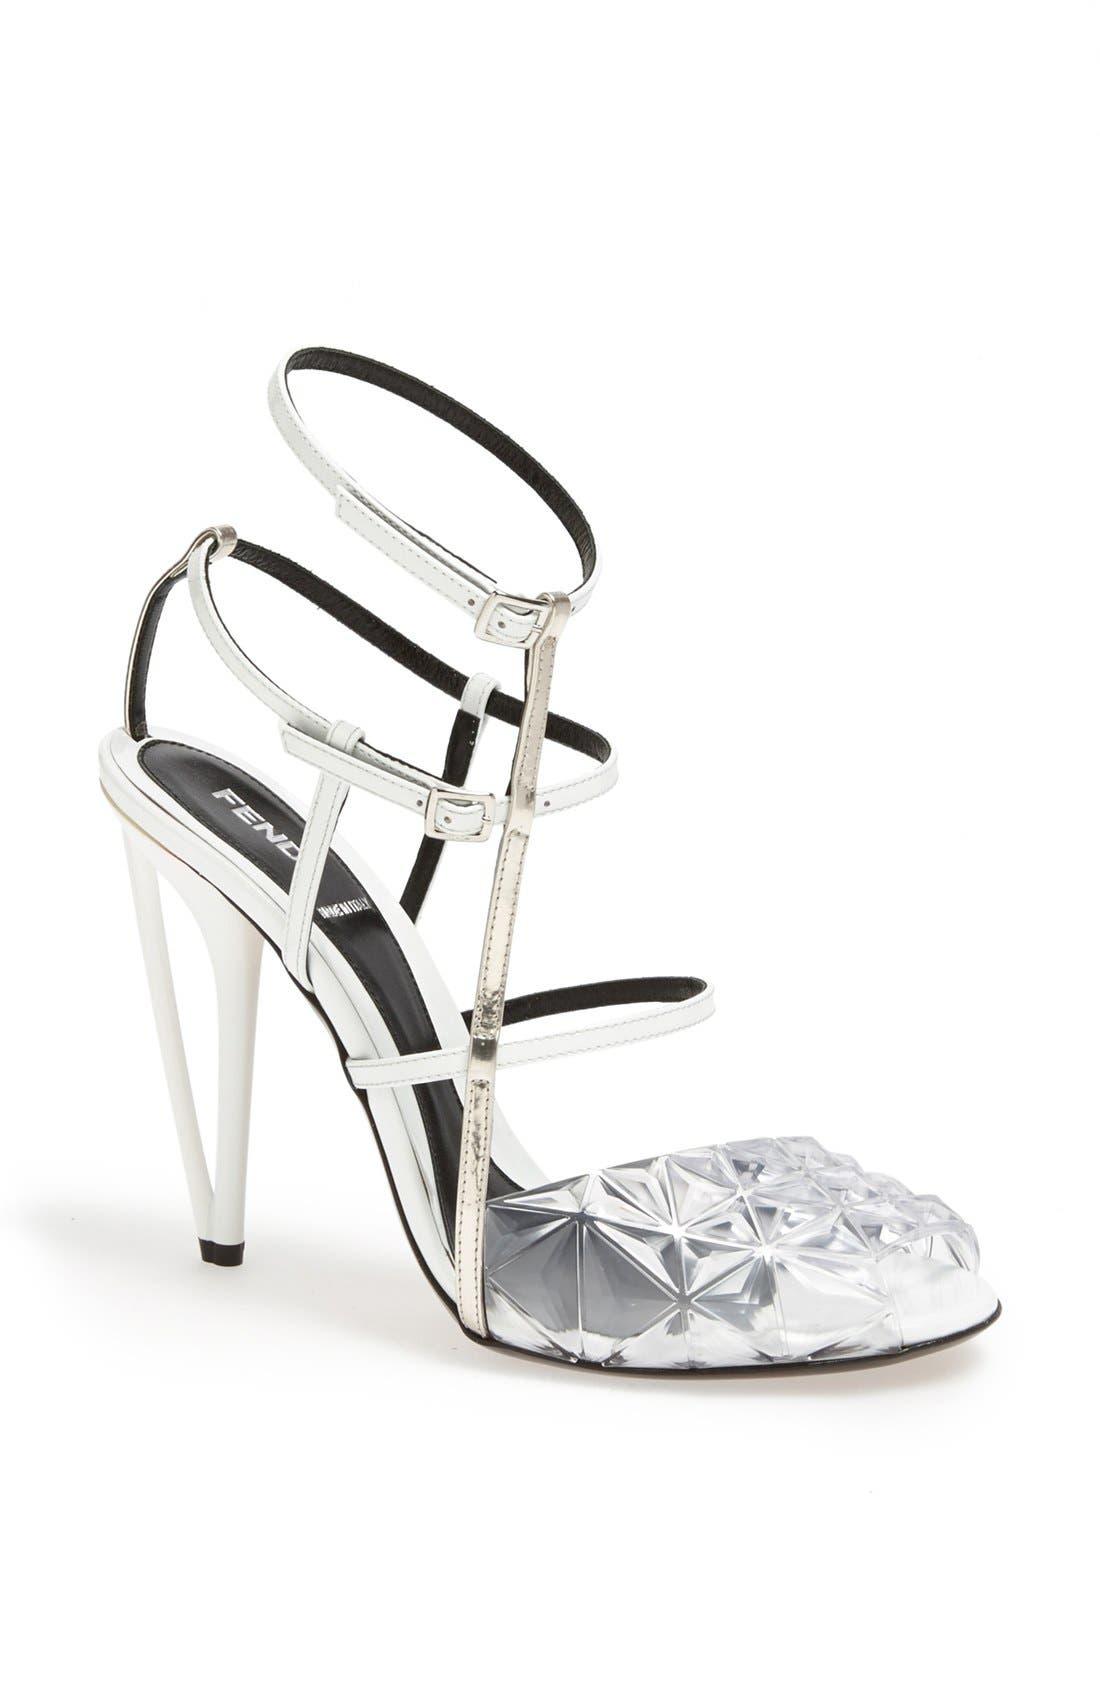 Alternate Image 1 Selected - Fendi 'Iridia' Sandal